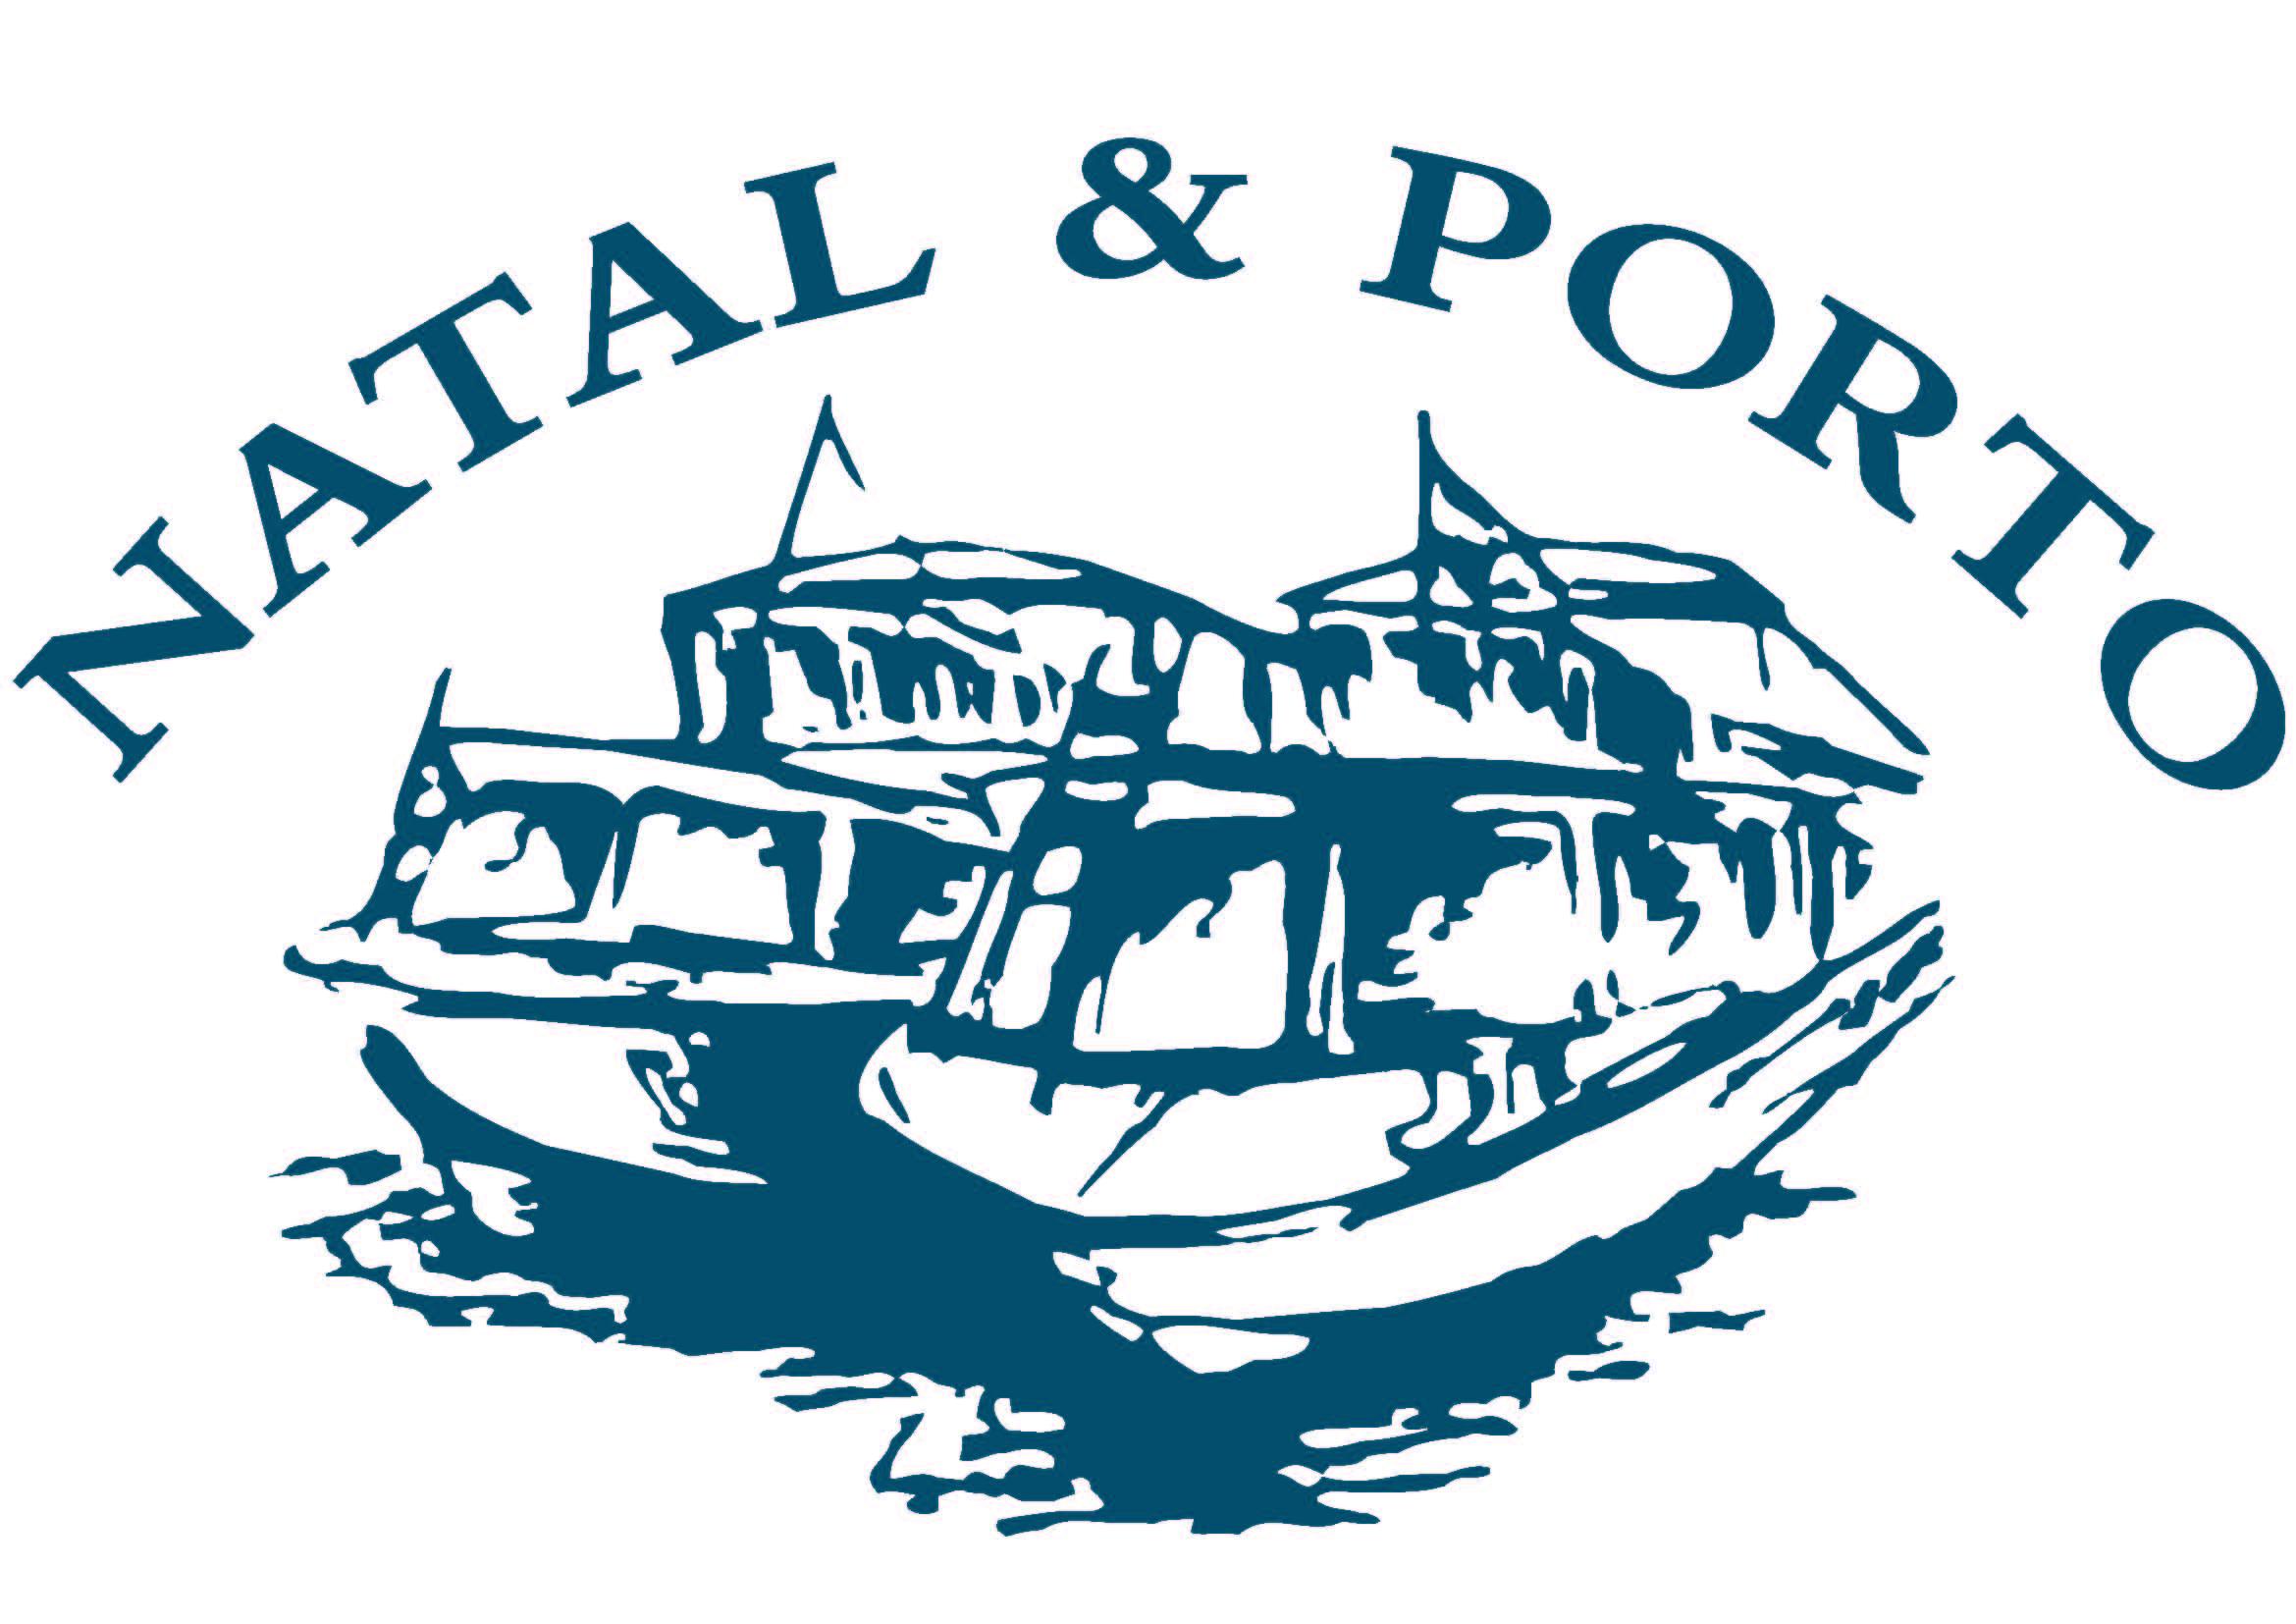 Výletní restaurační lodě Natal a Porto